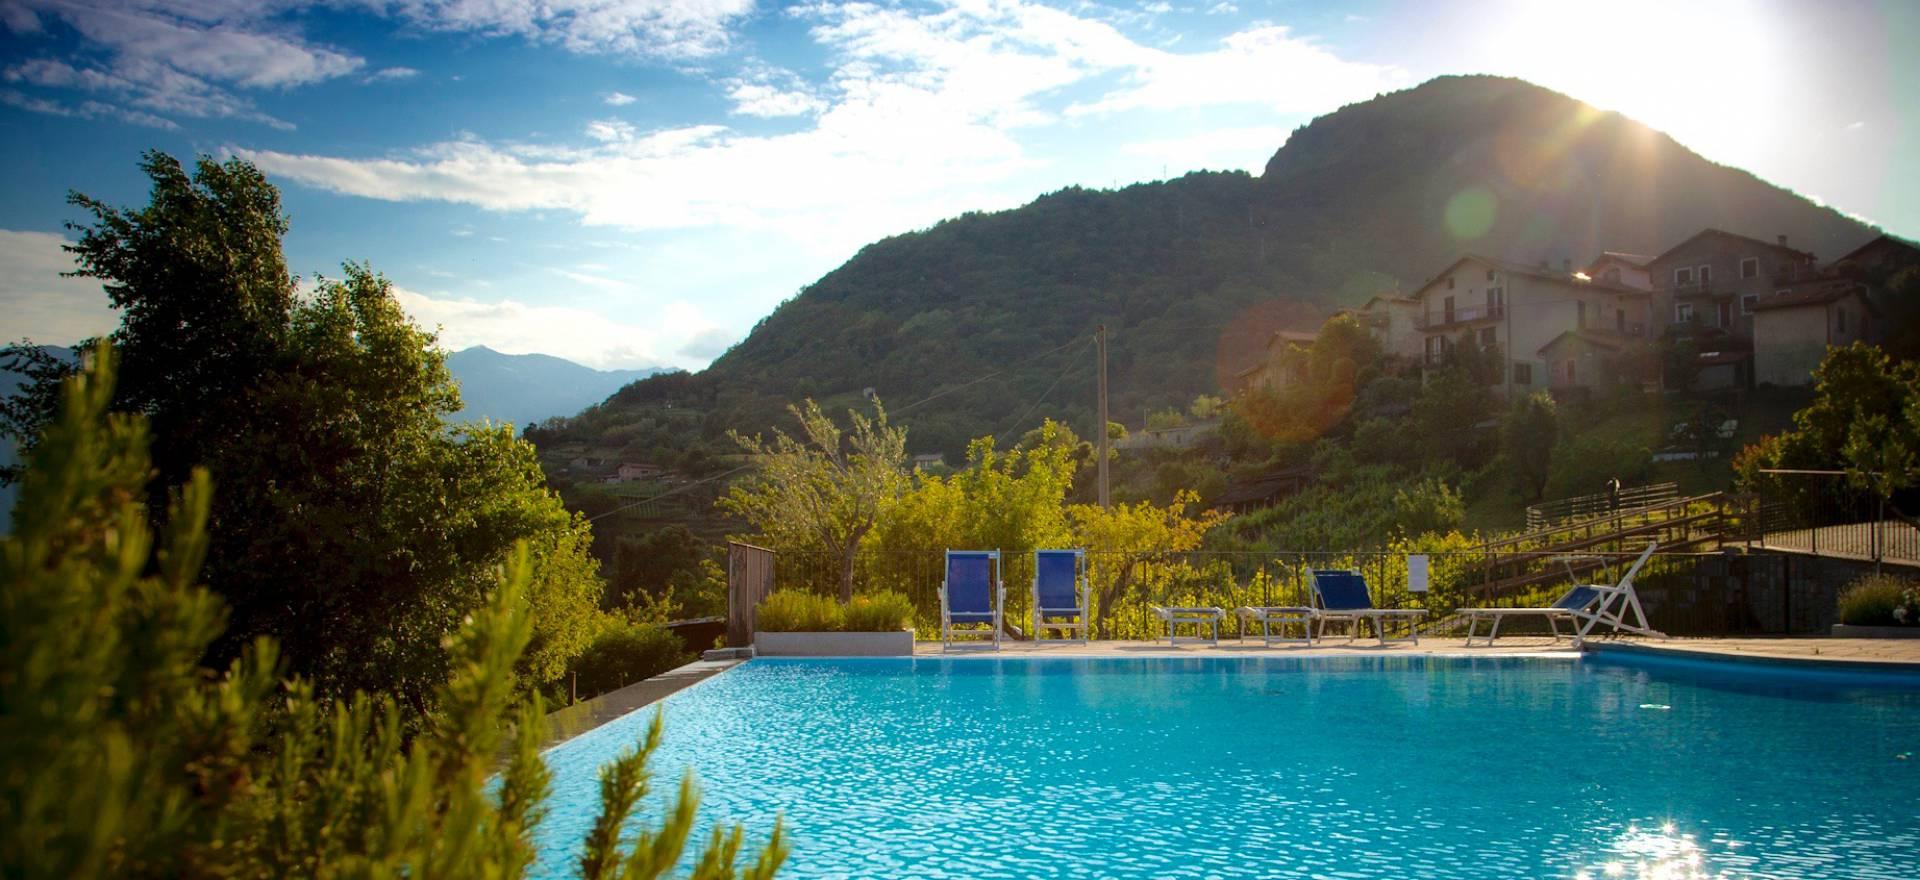 Residence Comomeer, ideaal voor gezinnen